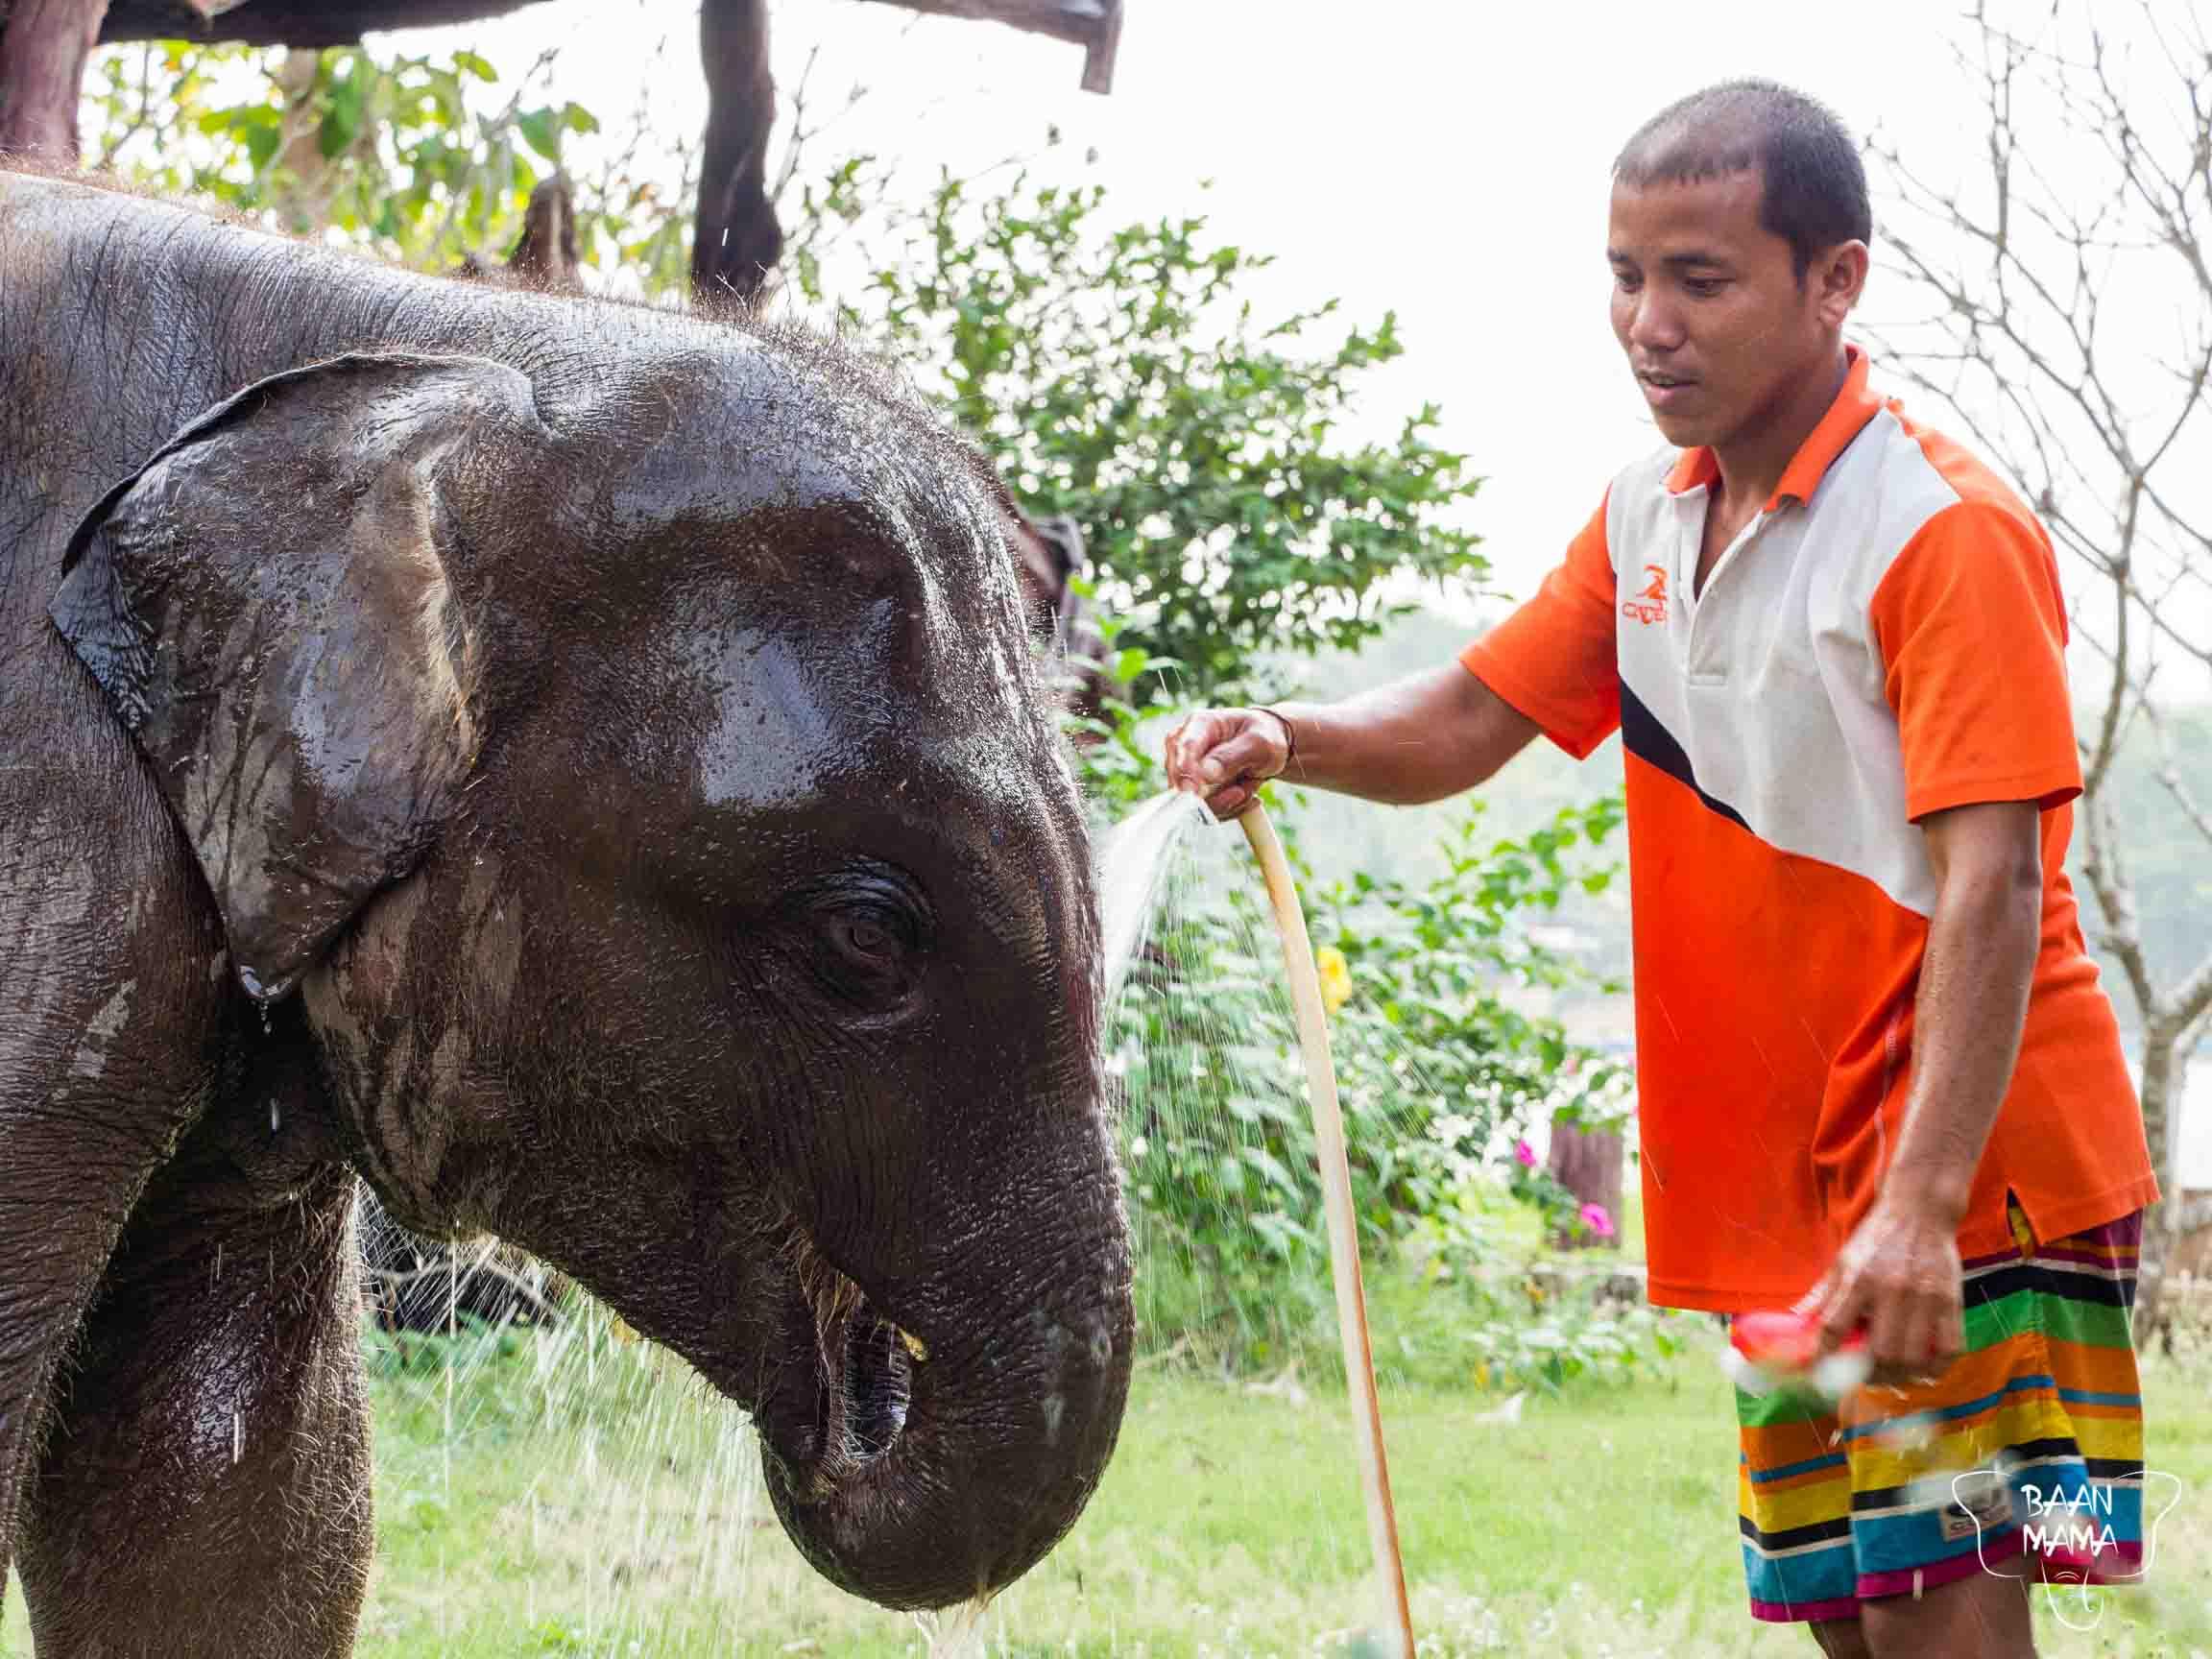 Chumphon Baan Mama Elephant Kanchanaburi Thailande